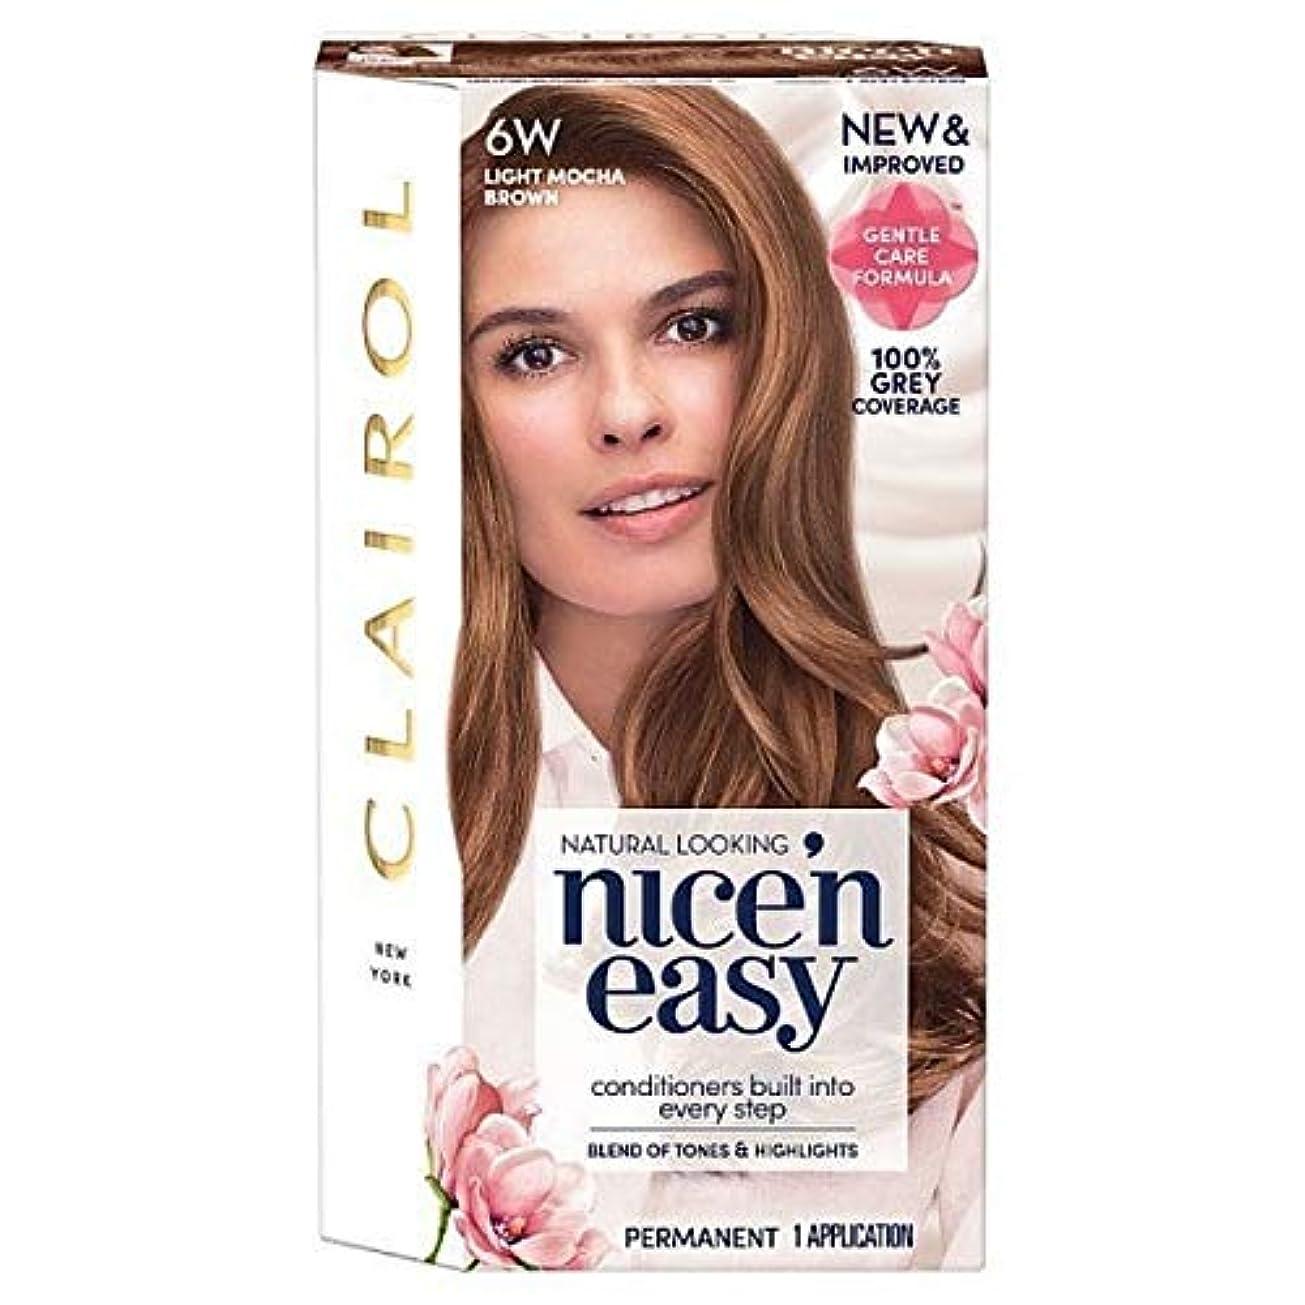 丁寧応援するレンダー[Nice'n Easy] Nice'N簡単に6ワットライトモカブラウン - Nice'n Easy 6W Light Mocha Brown [並行輸入品]